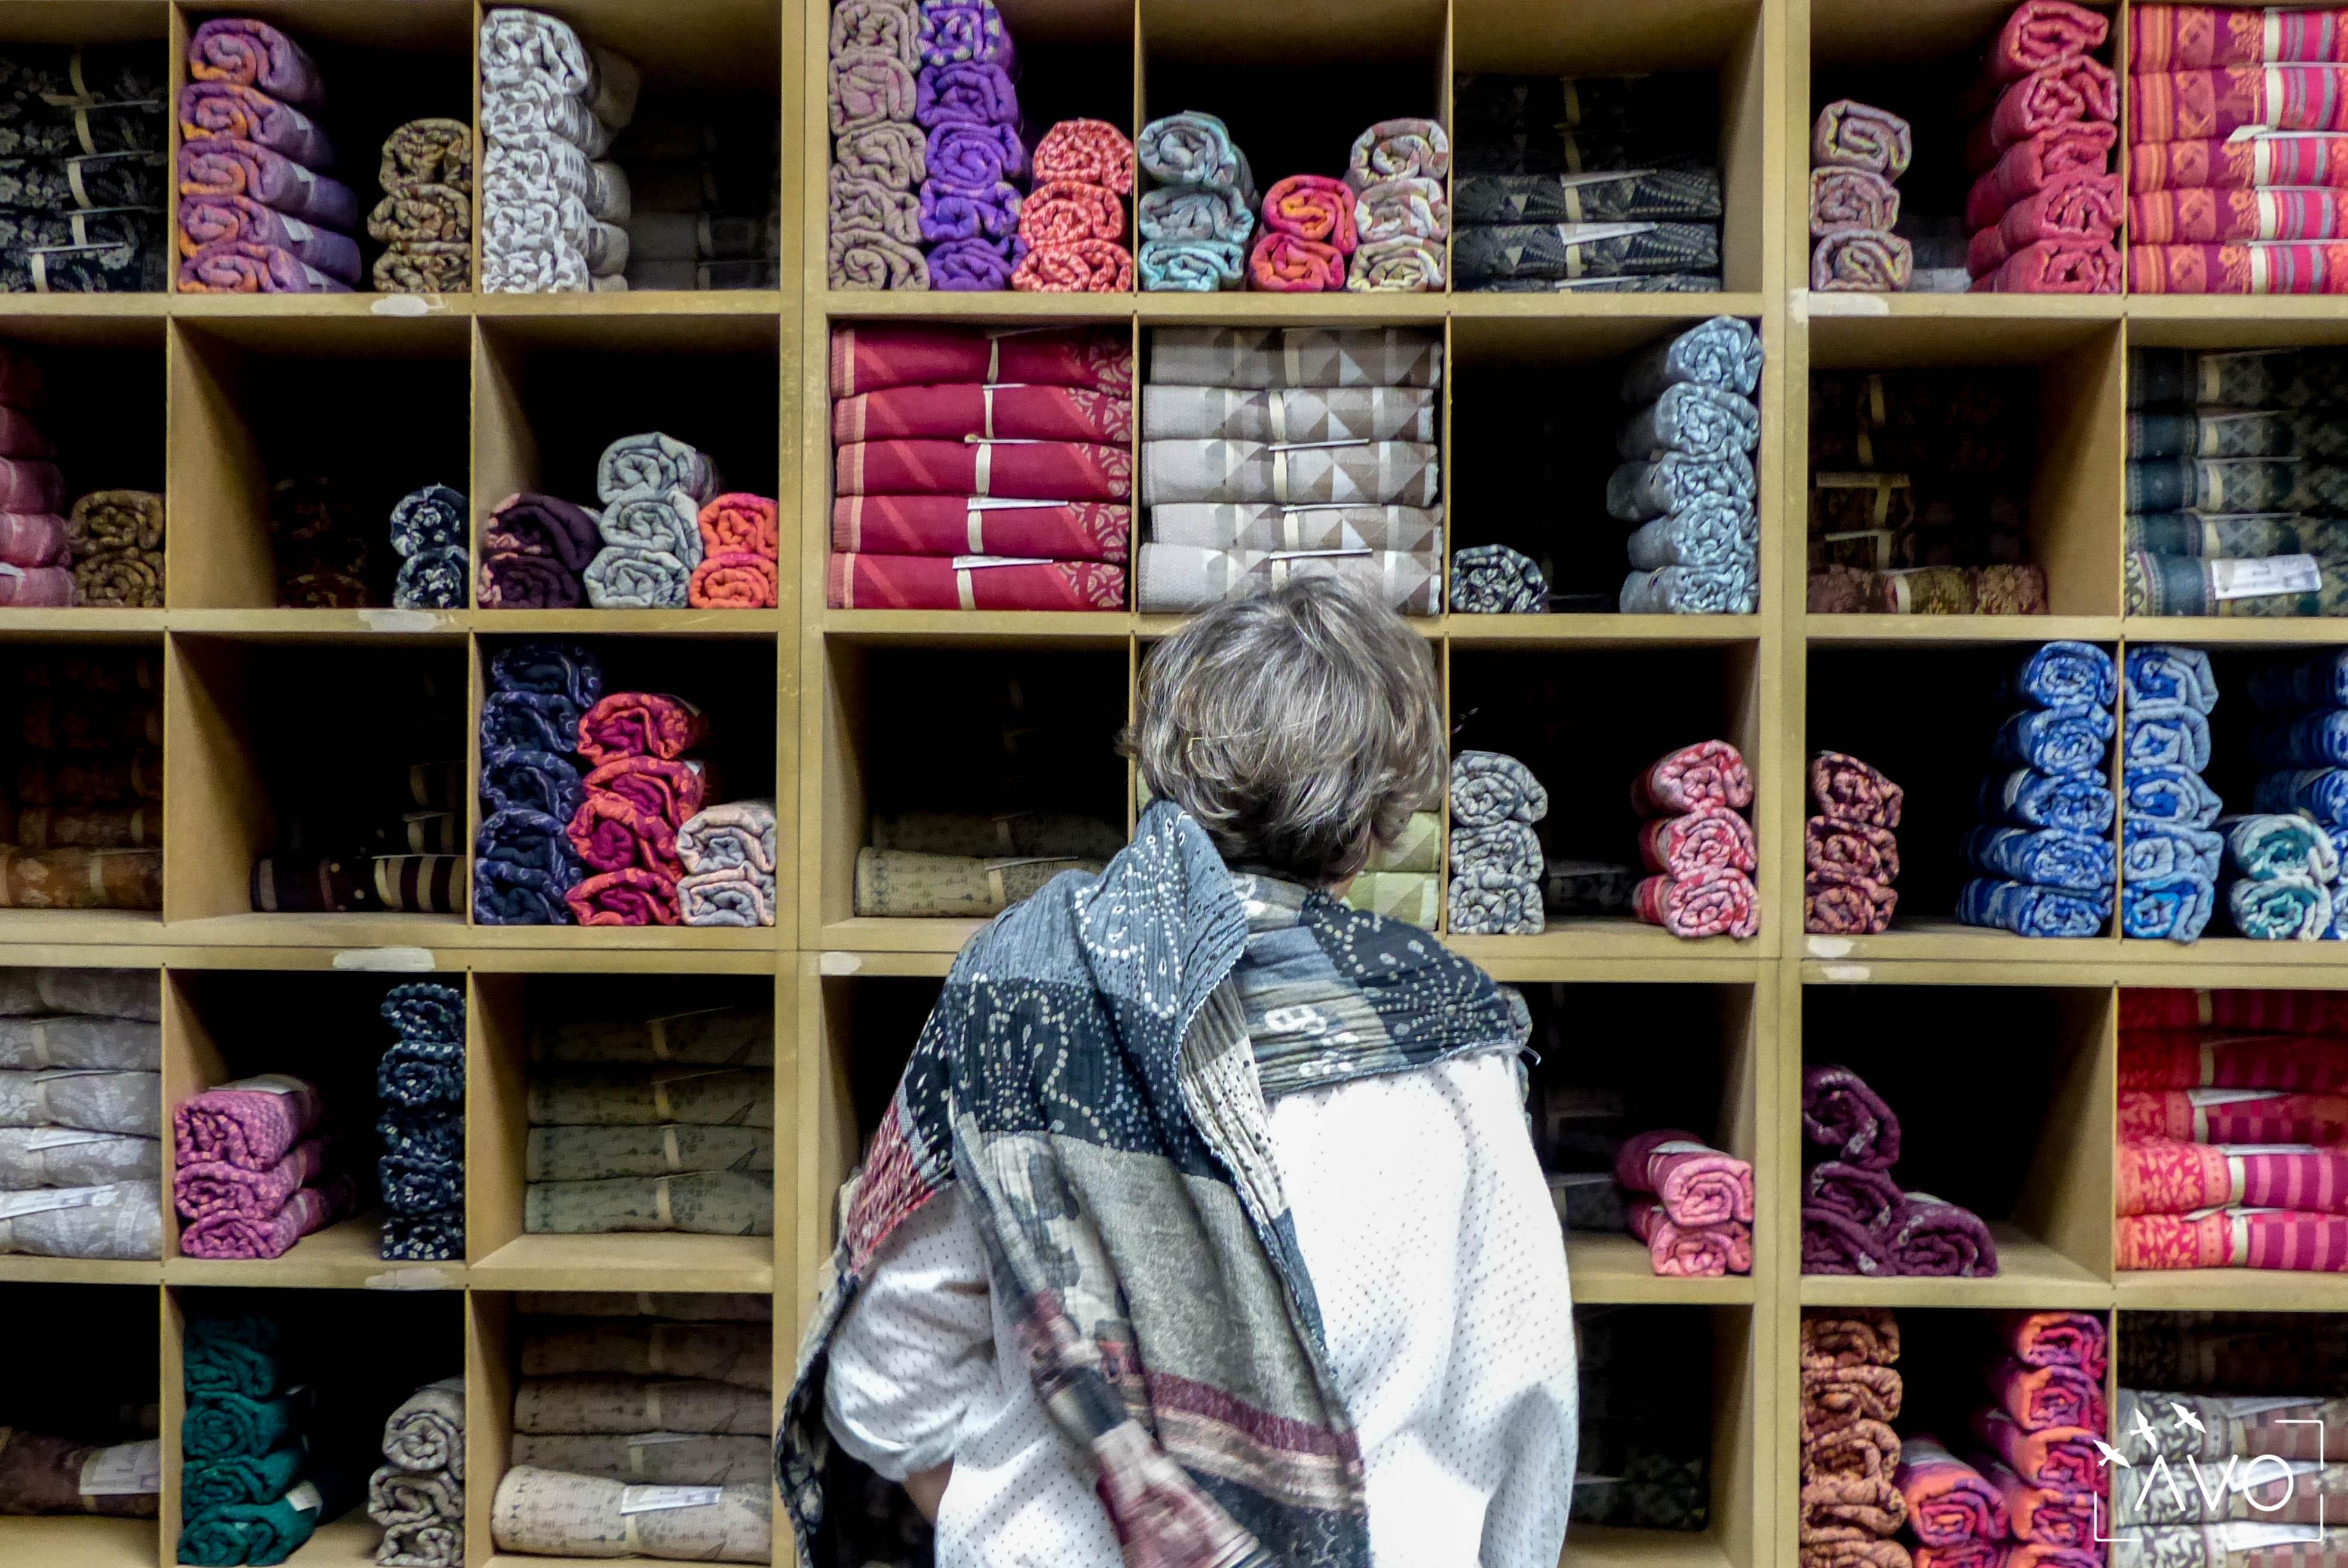 étole Létol foulard madeinfrance charlieu loire motif fleur géométrique beau dessin cadeau casier magasin